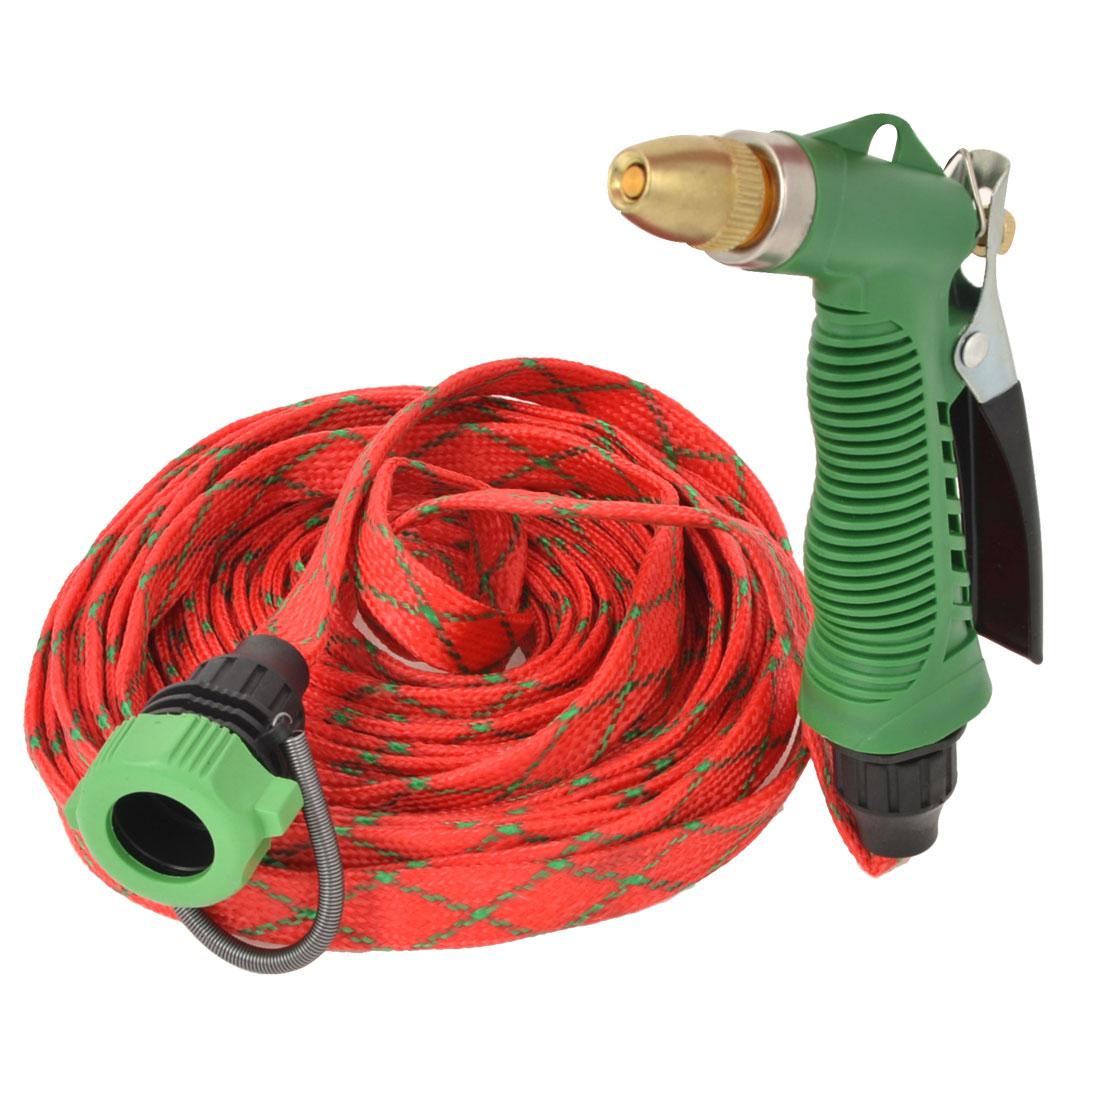 Garden Irrigation 9.5M Long Red Flat Hose Water Gun Sprayer